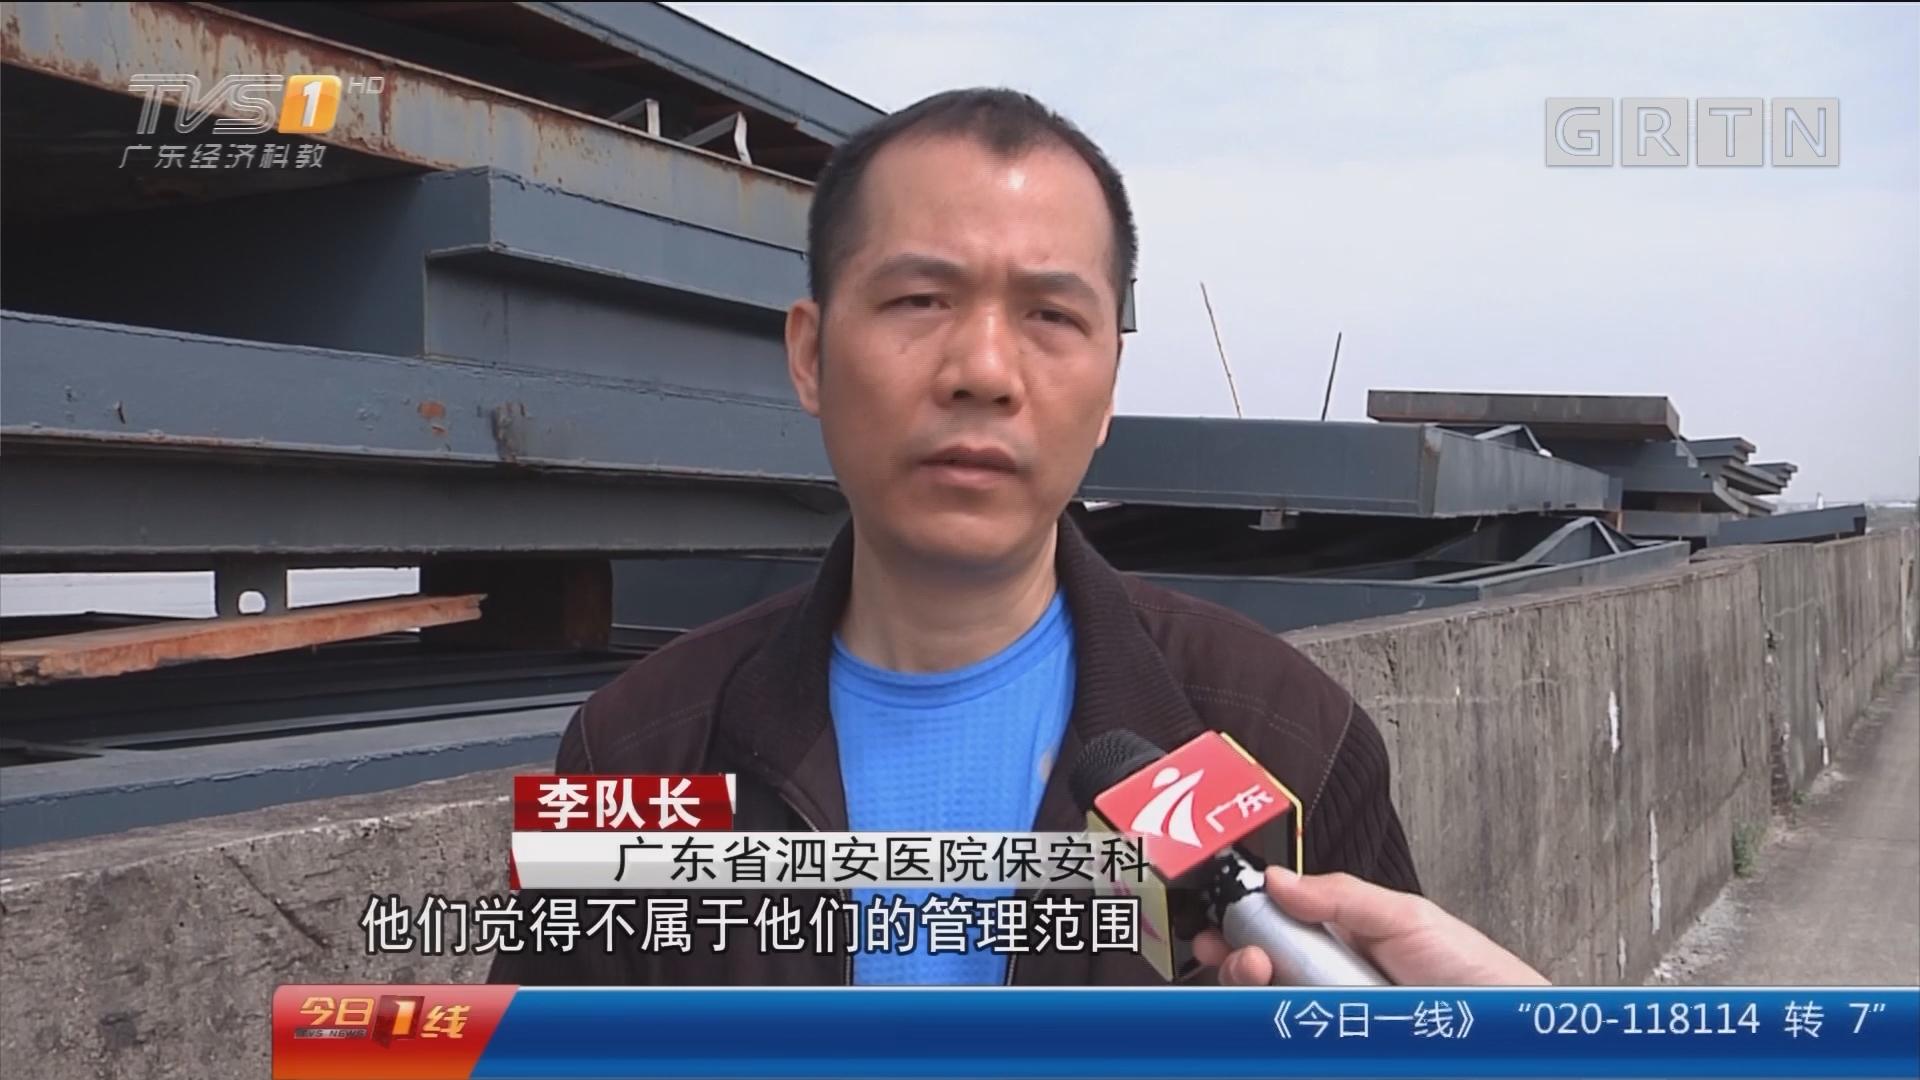 东莞:防洪堤坝堆百吨钢材 水务局责令清理